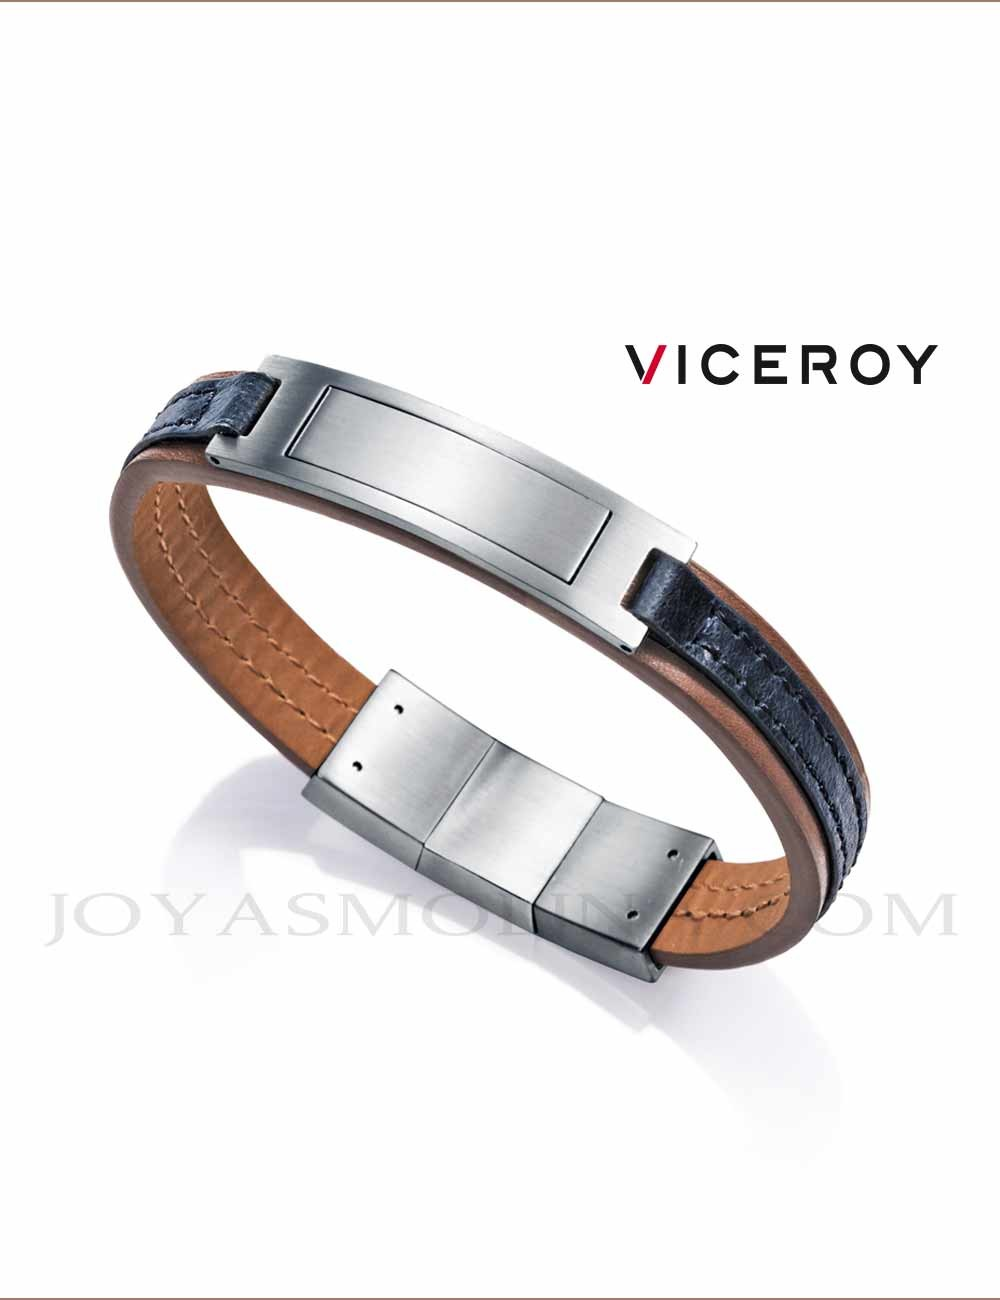 Super baratas nuevos productos para apariencia elegante Pulsera Viceroy hombre piel 75064P01019 personalizable